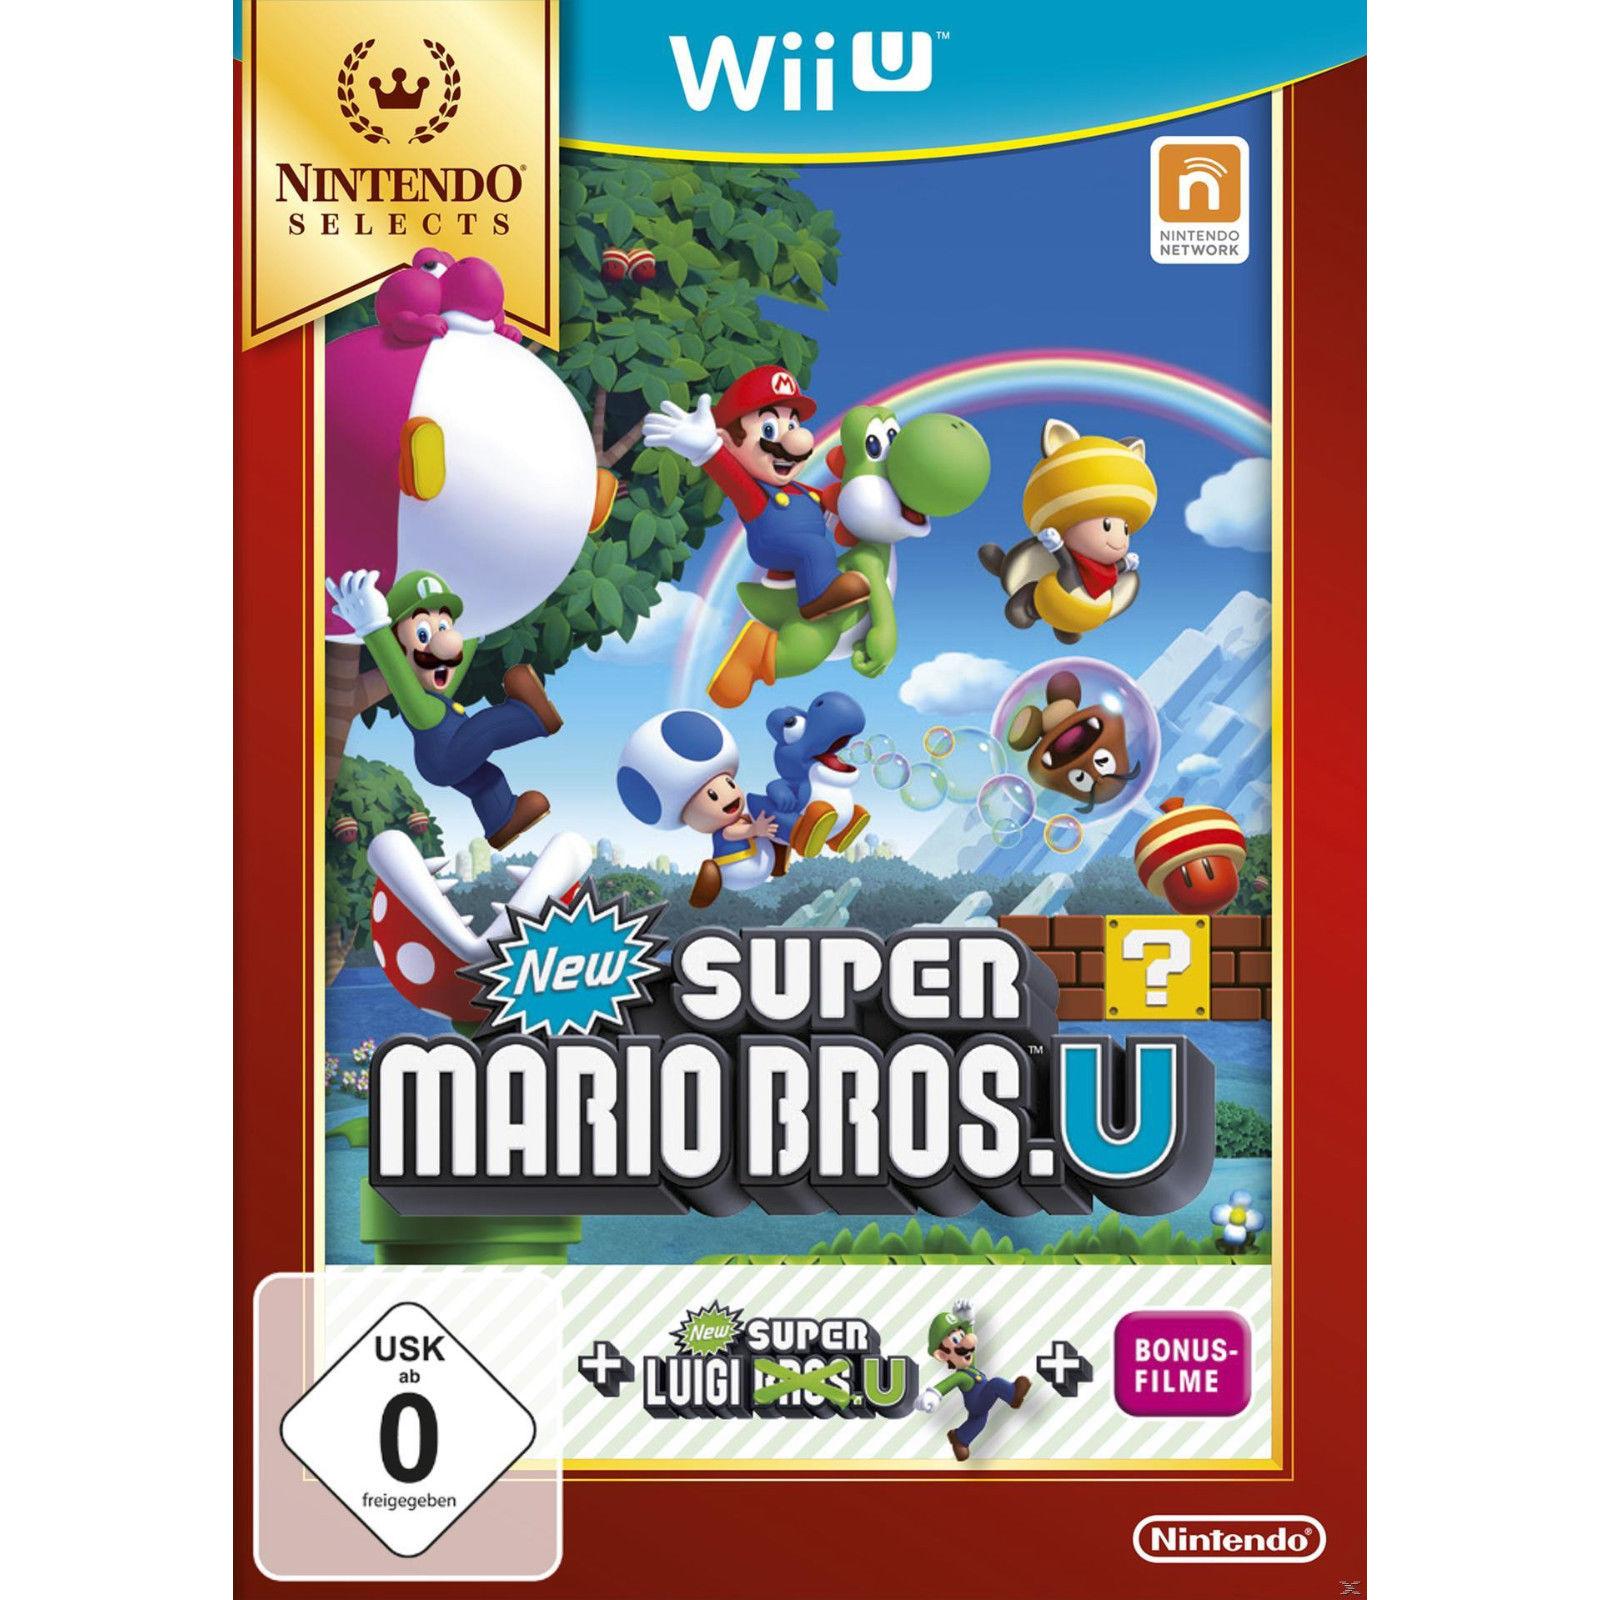 [Saturn.de/Ebay.de] New Super Mario Bros. U + New Super Luigi U (Nintendo Selects) oder Animal Crossing: amiibo Festival inkl. Figuren und Karten für Nintendo Wii U für jeweils 10 Euro.